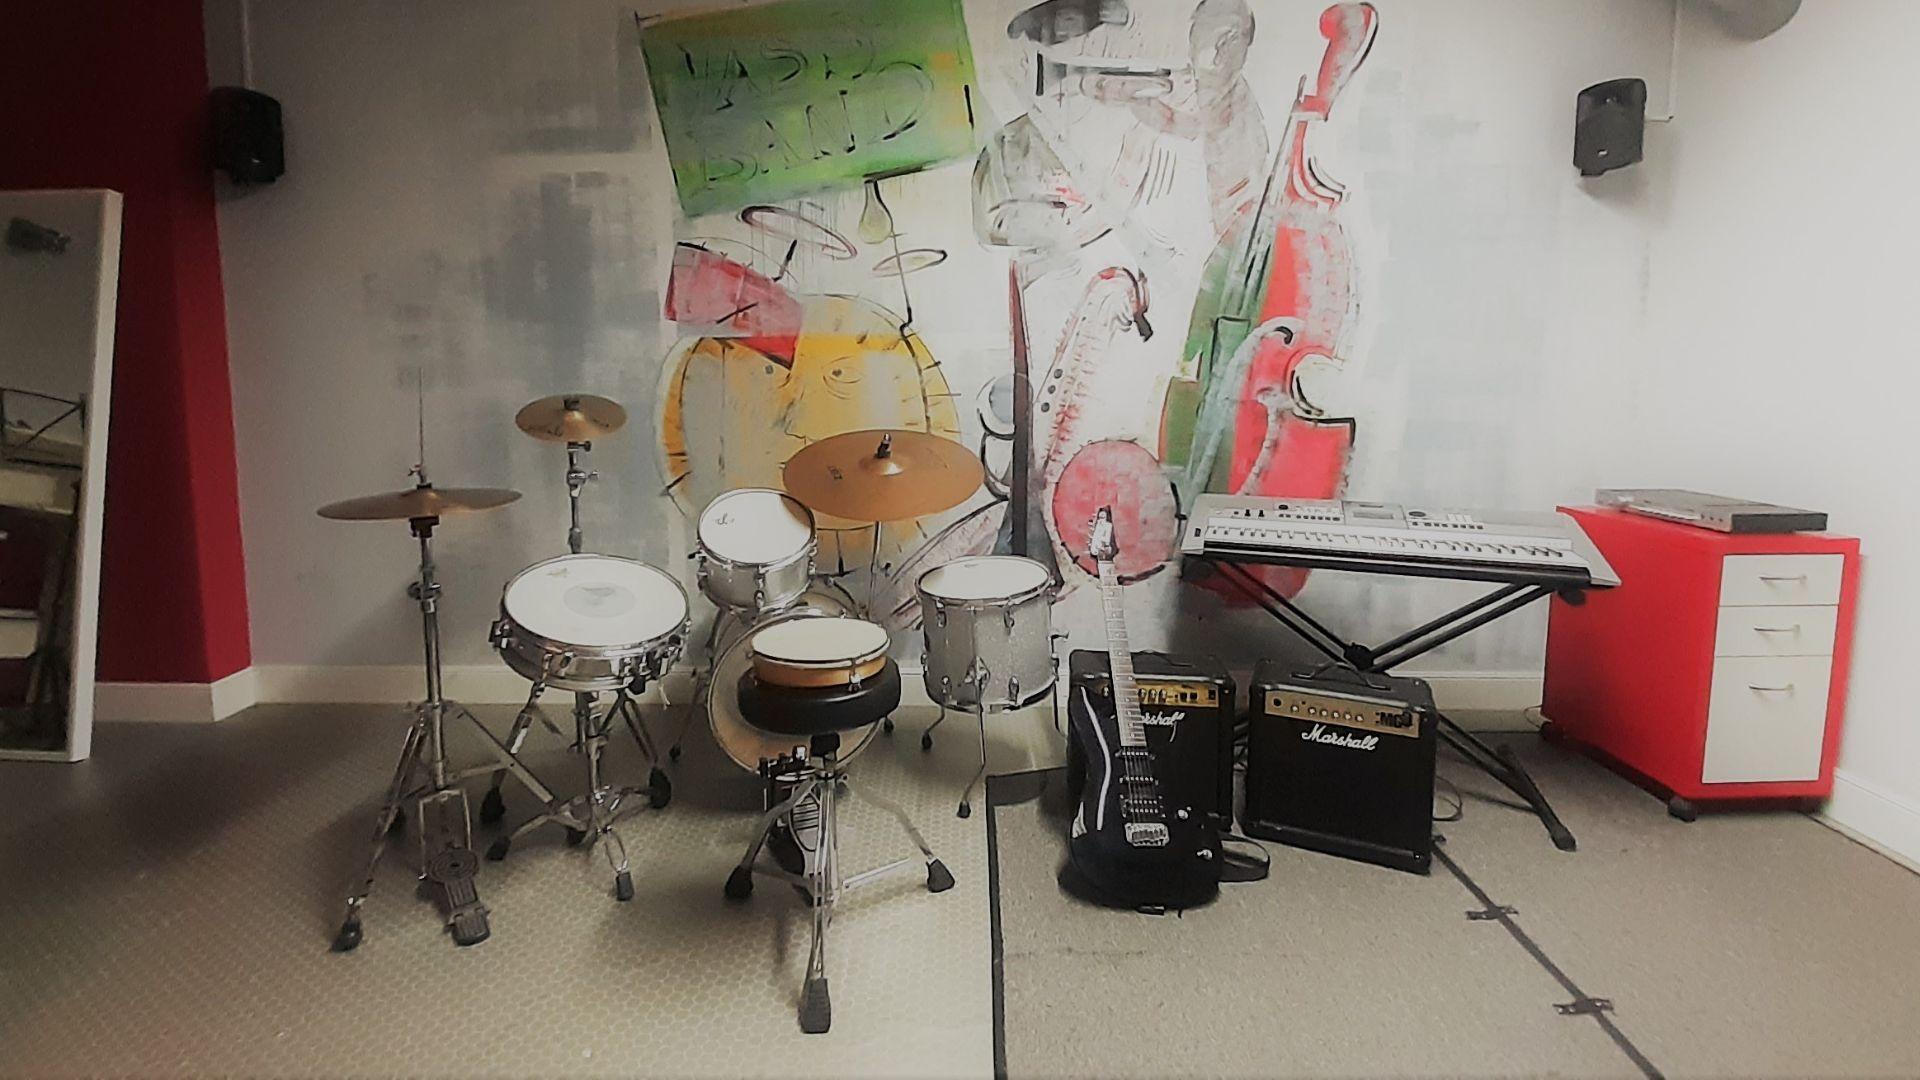 Intrumentos centro estudios musicales escuela musica nerea bilbao